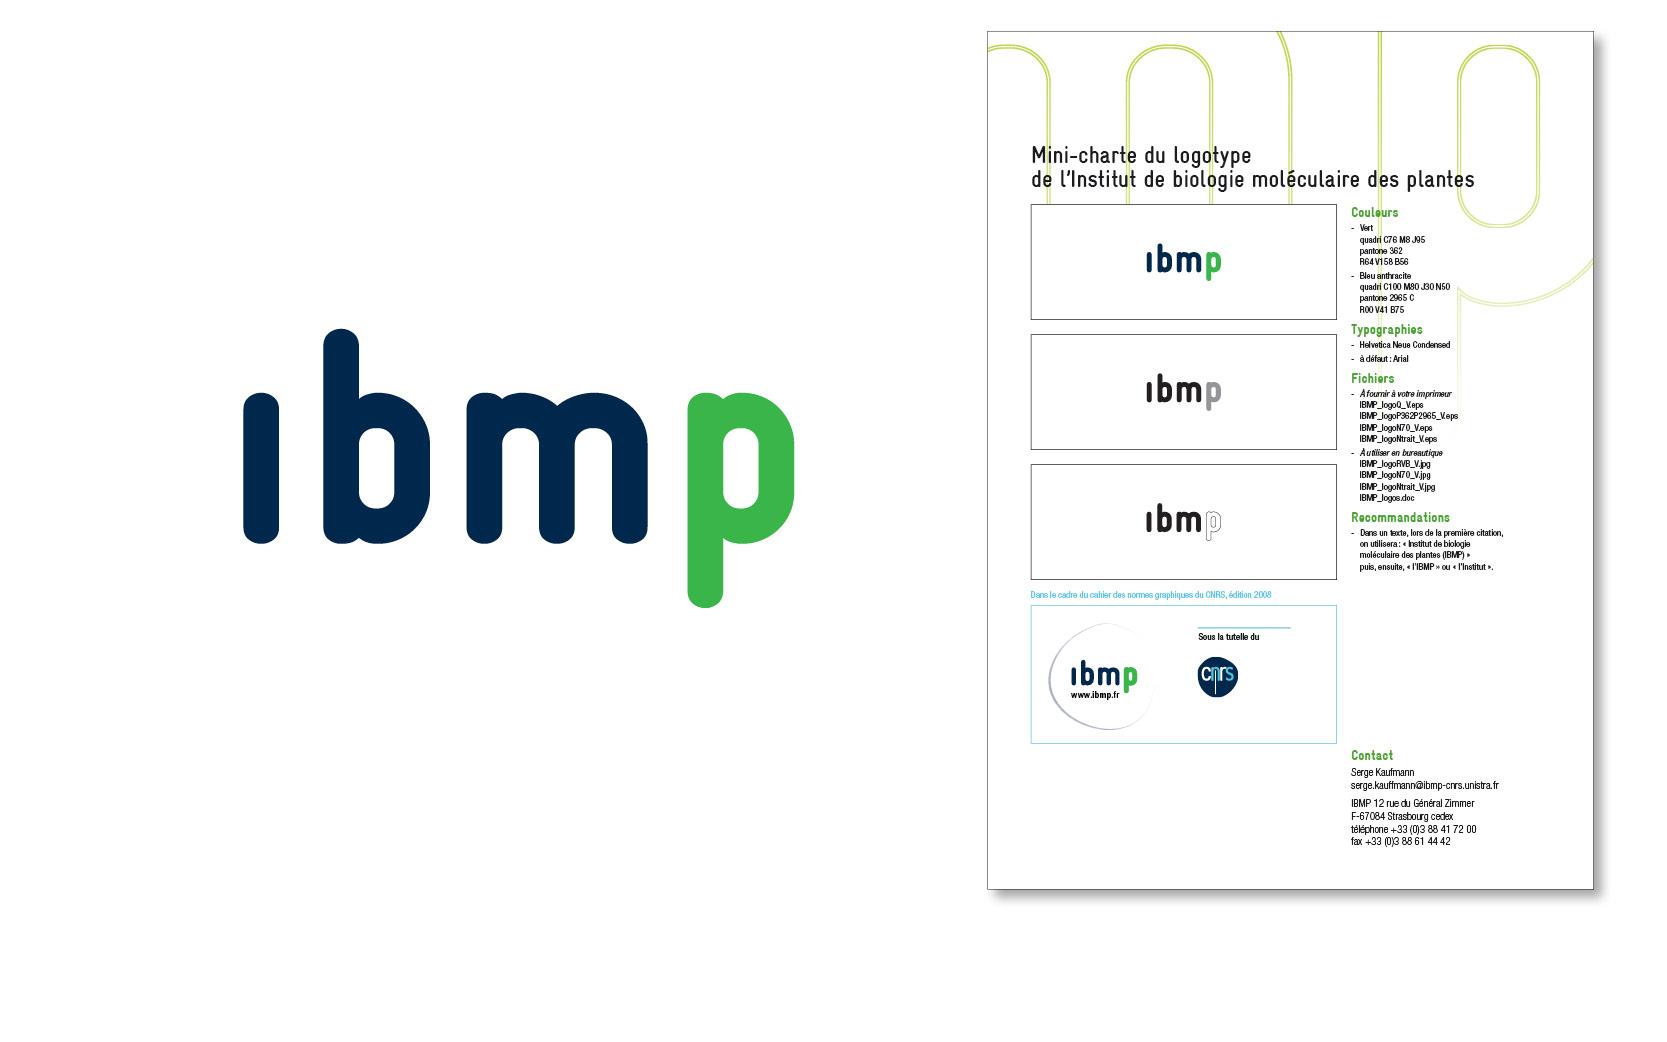 Logo et mini-charte graphique pour l'Institut de biologie moléculaire des plantes, 2009.